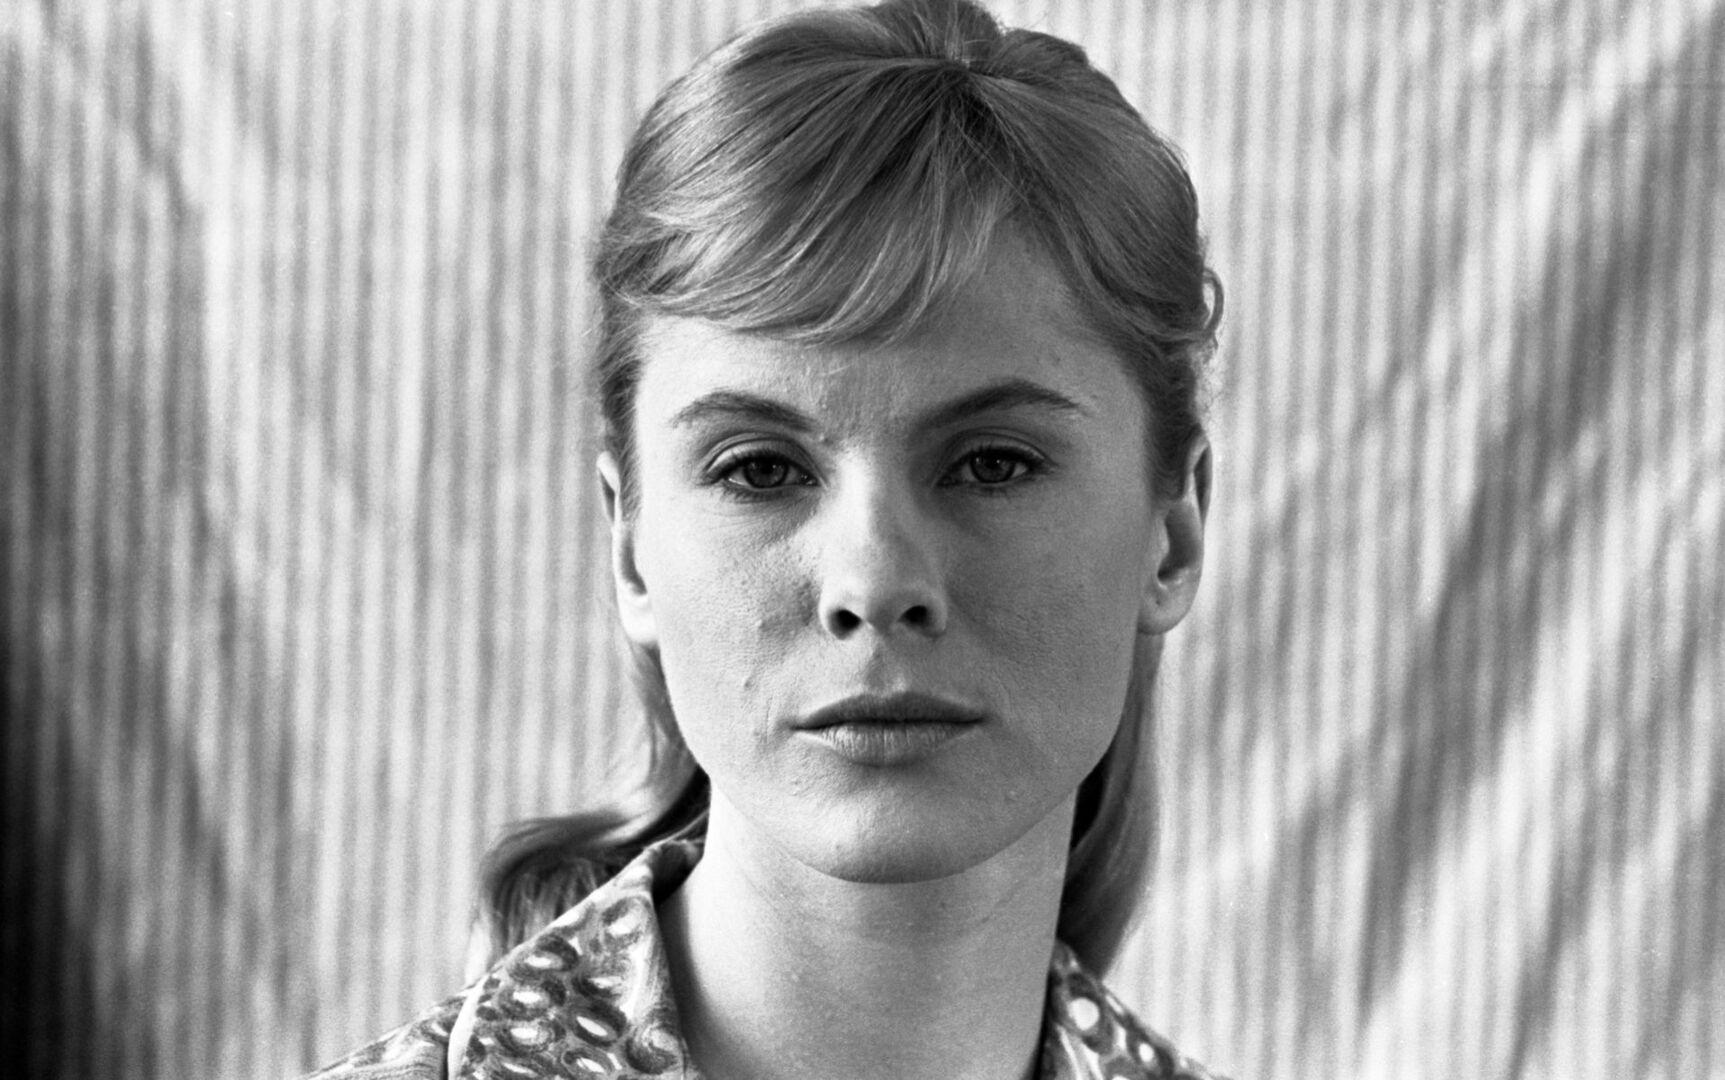 Muere a los 83 años Bibi Andersson, la musa de Ingmar Bergman